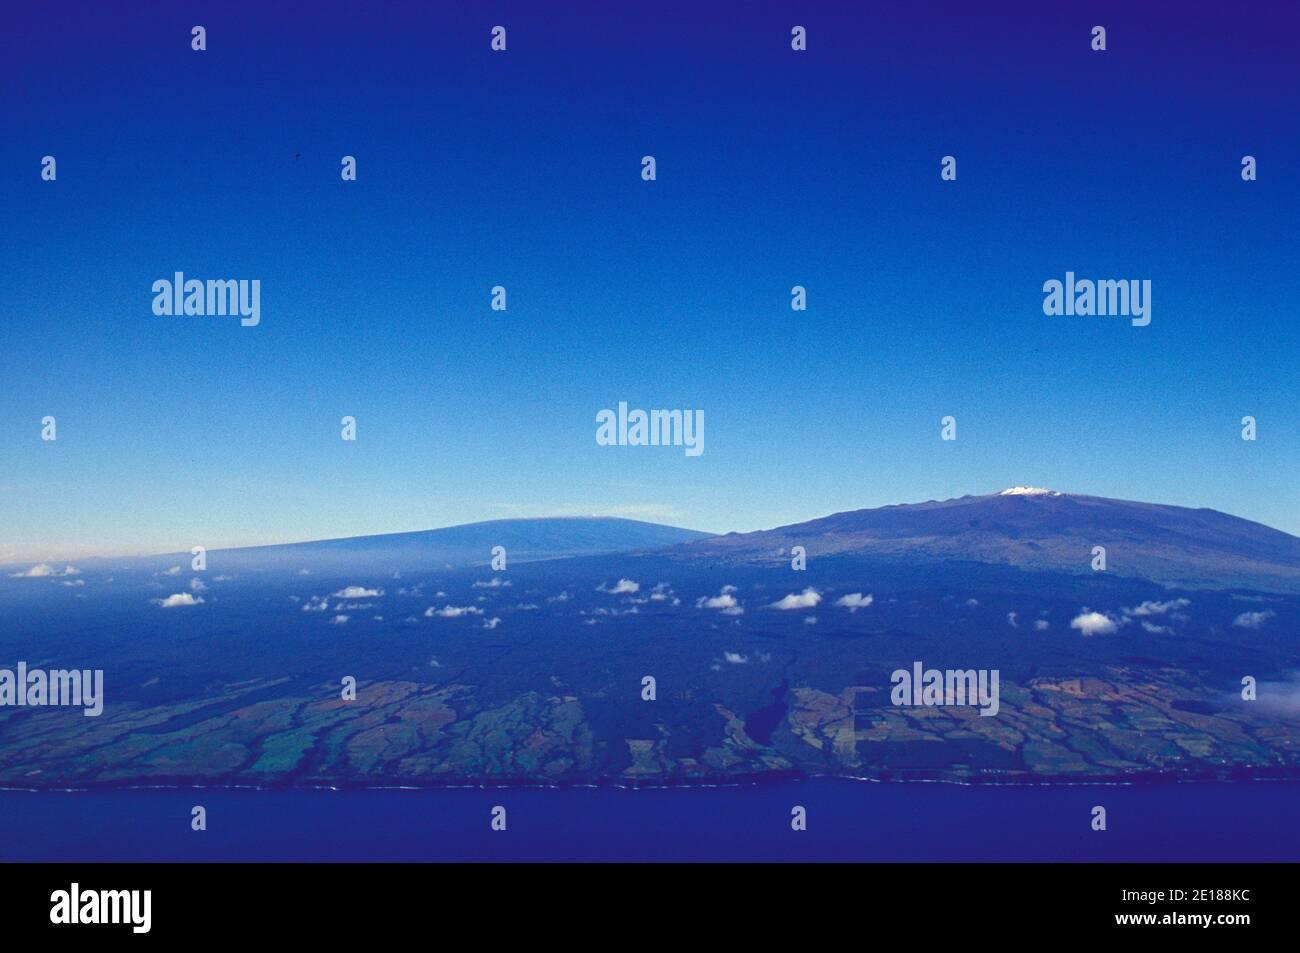 Luftaufnahme von Schnee begrenzt Mauna Kea mit Observatorien und Mauna Loa im Hintergrund. Stockfoto